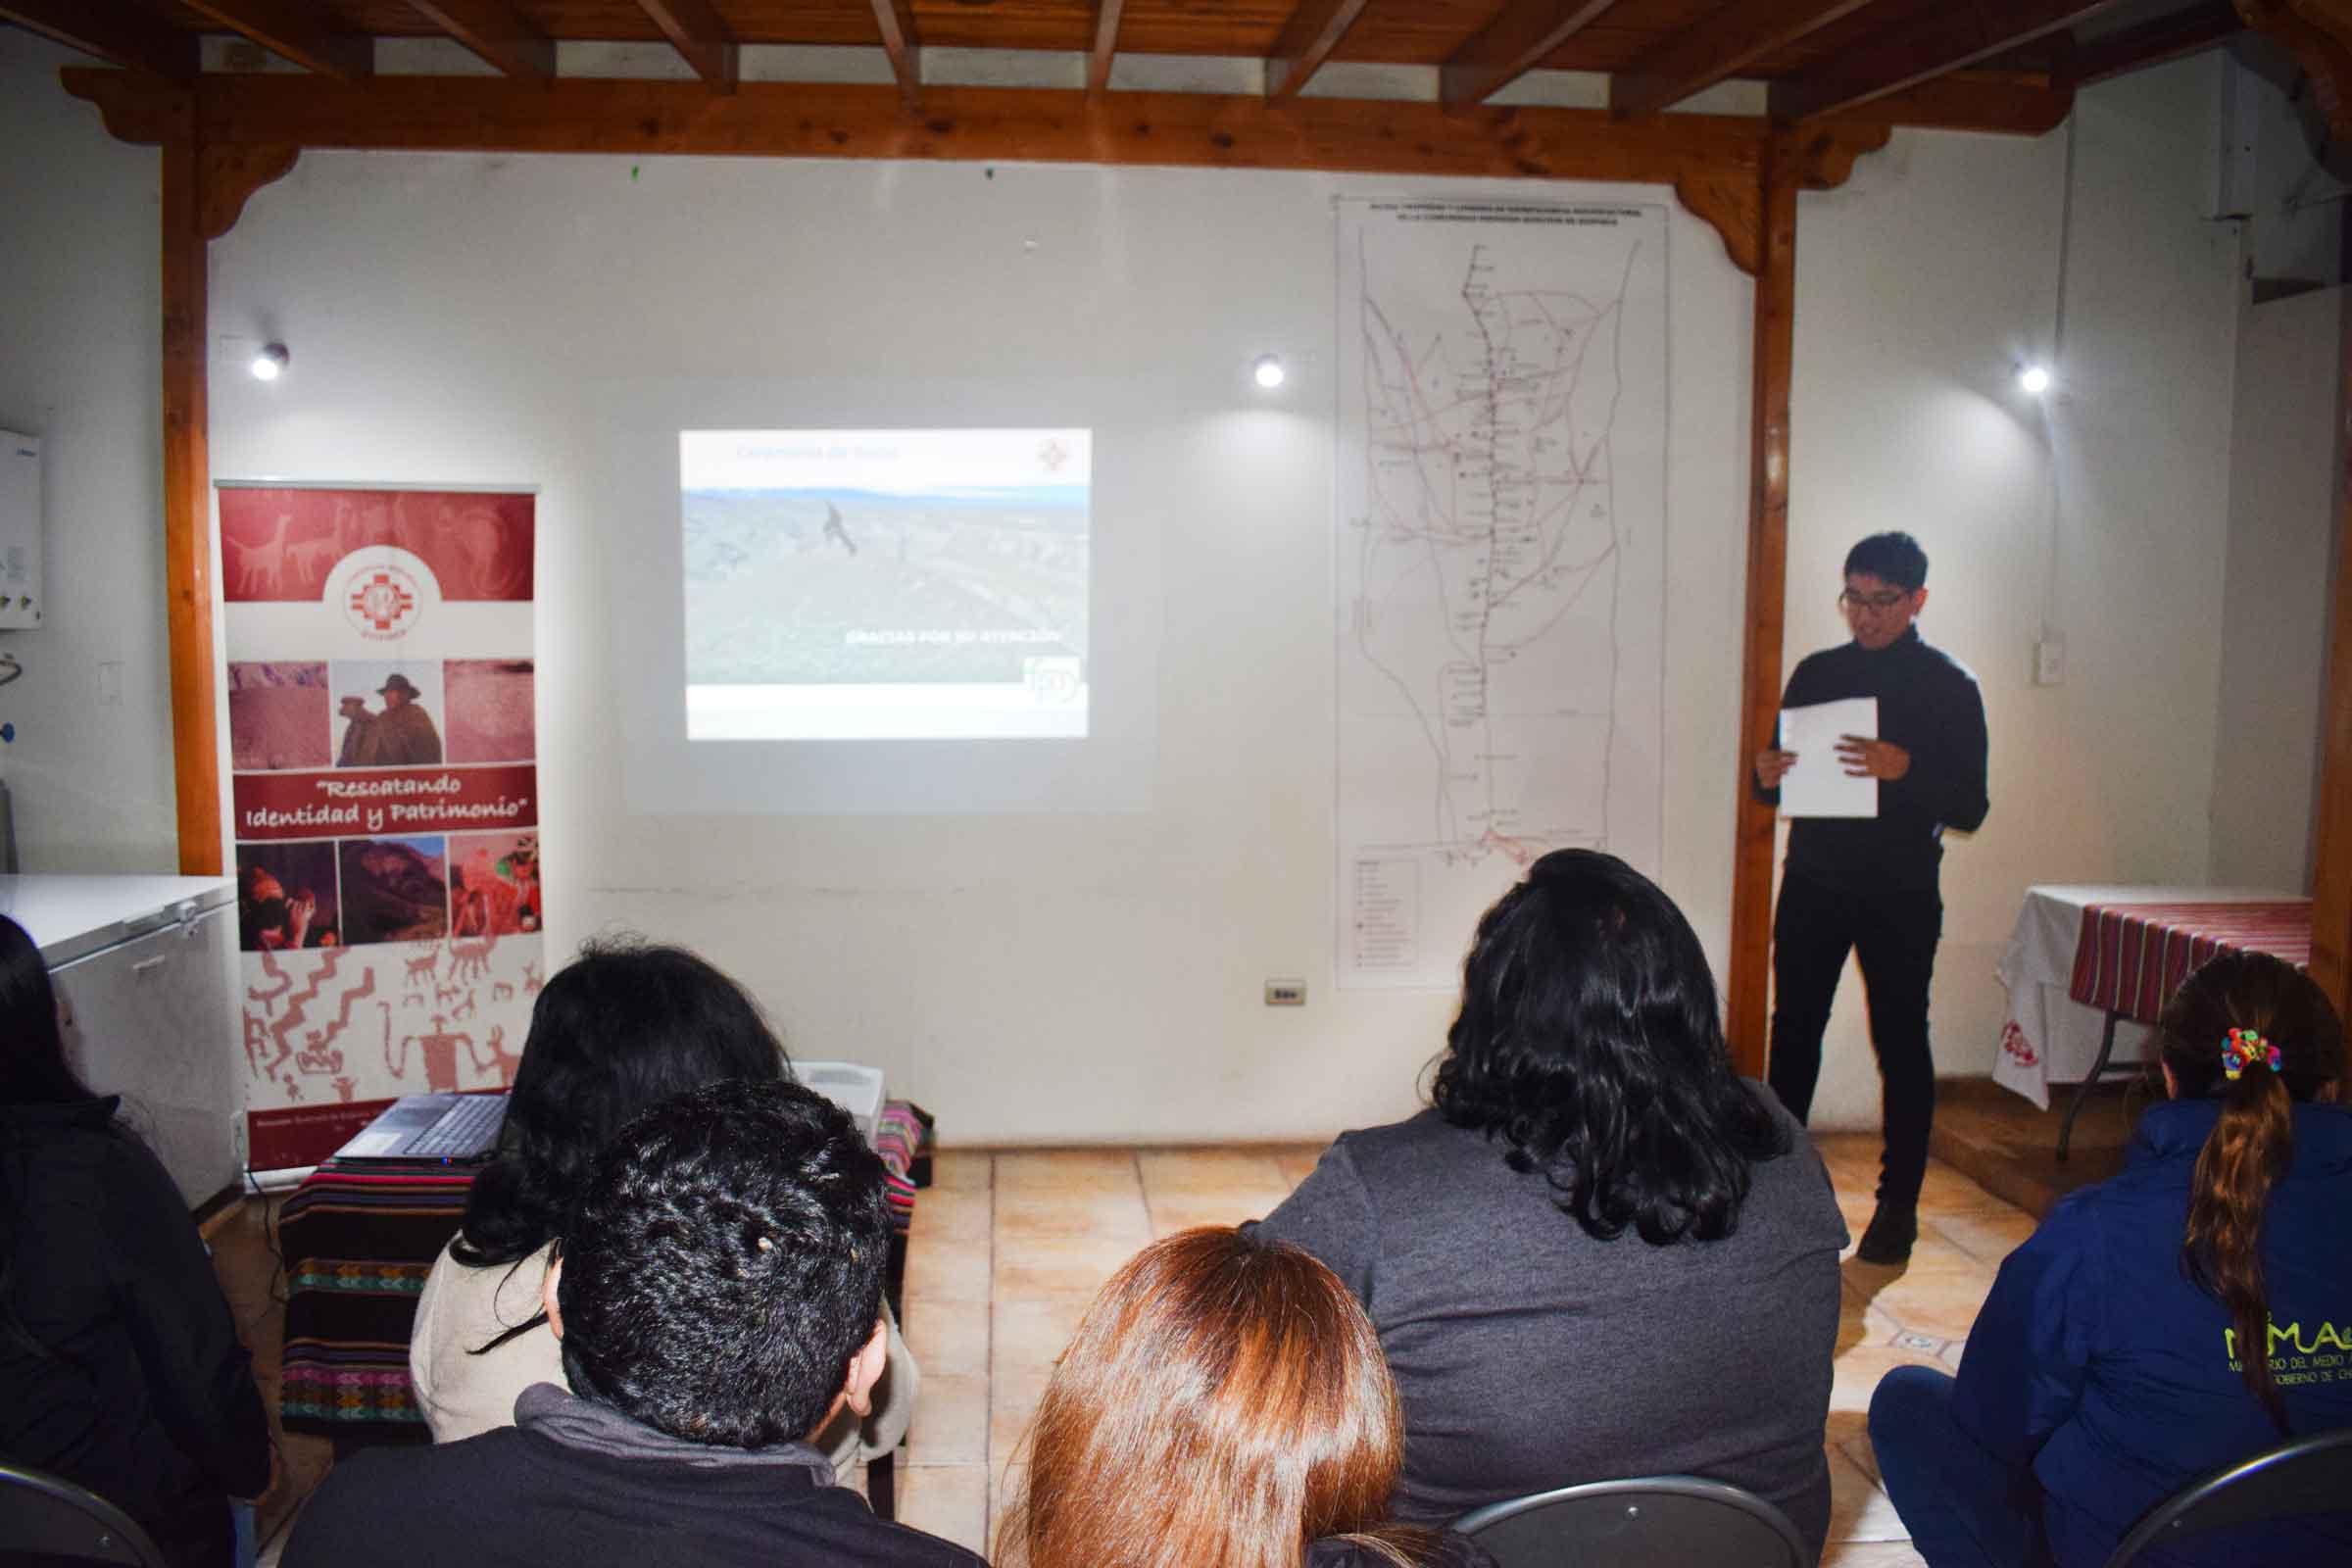 Presentación de proyecto